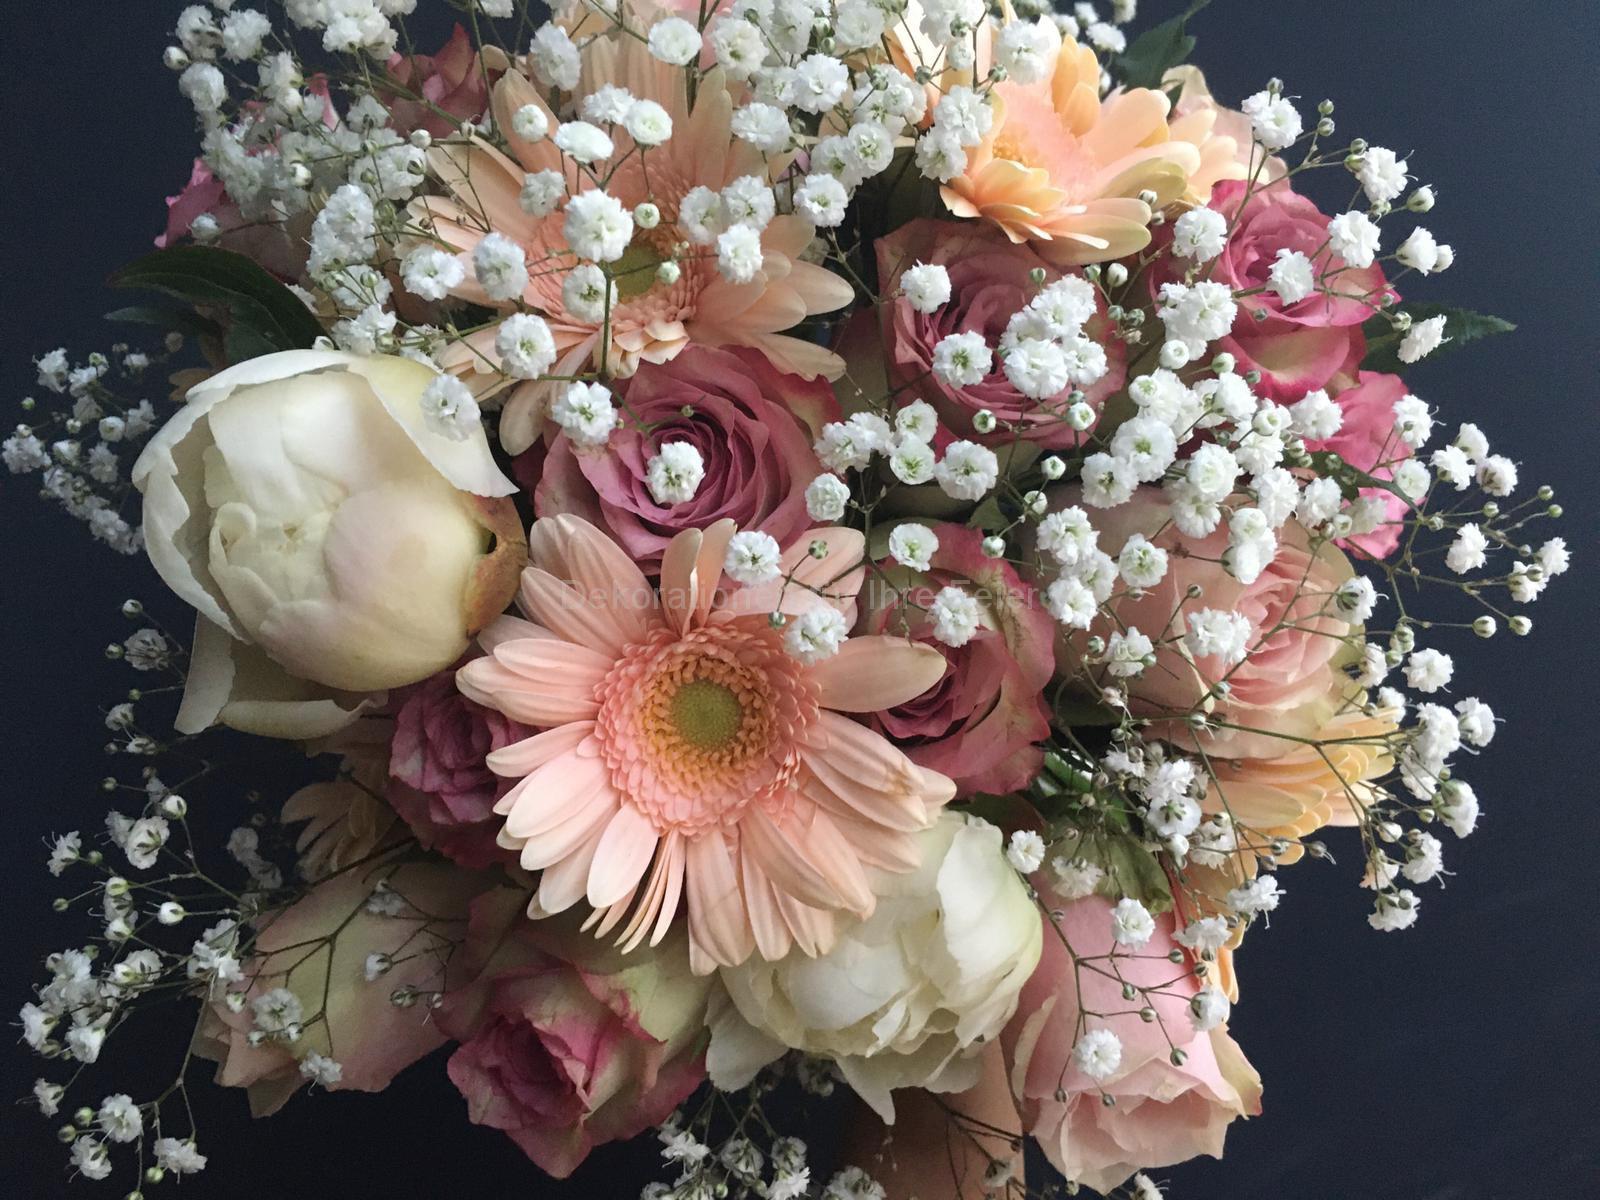 Bezaubernder Blumenstrauß in rosa, weiß und grün, Ansicht von oben